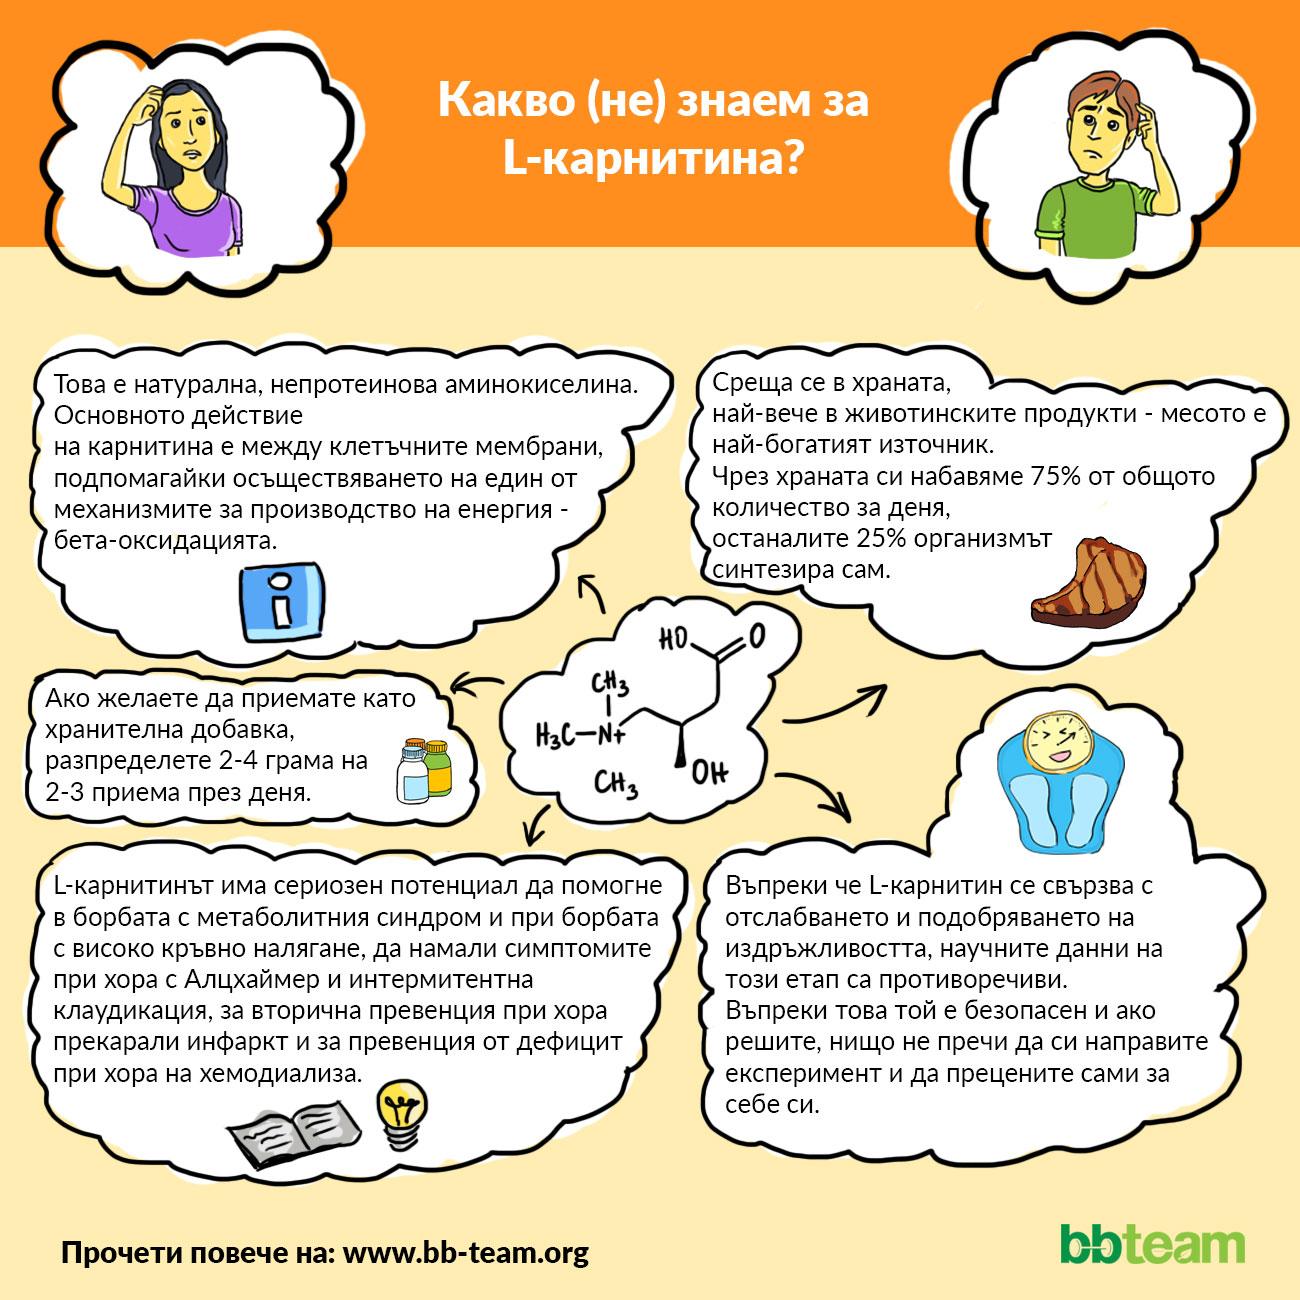 Какво (не) знаем за L-карнитина? [инфографика]